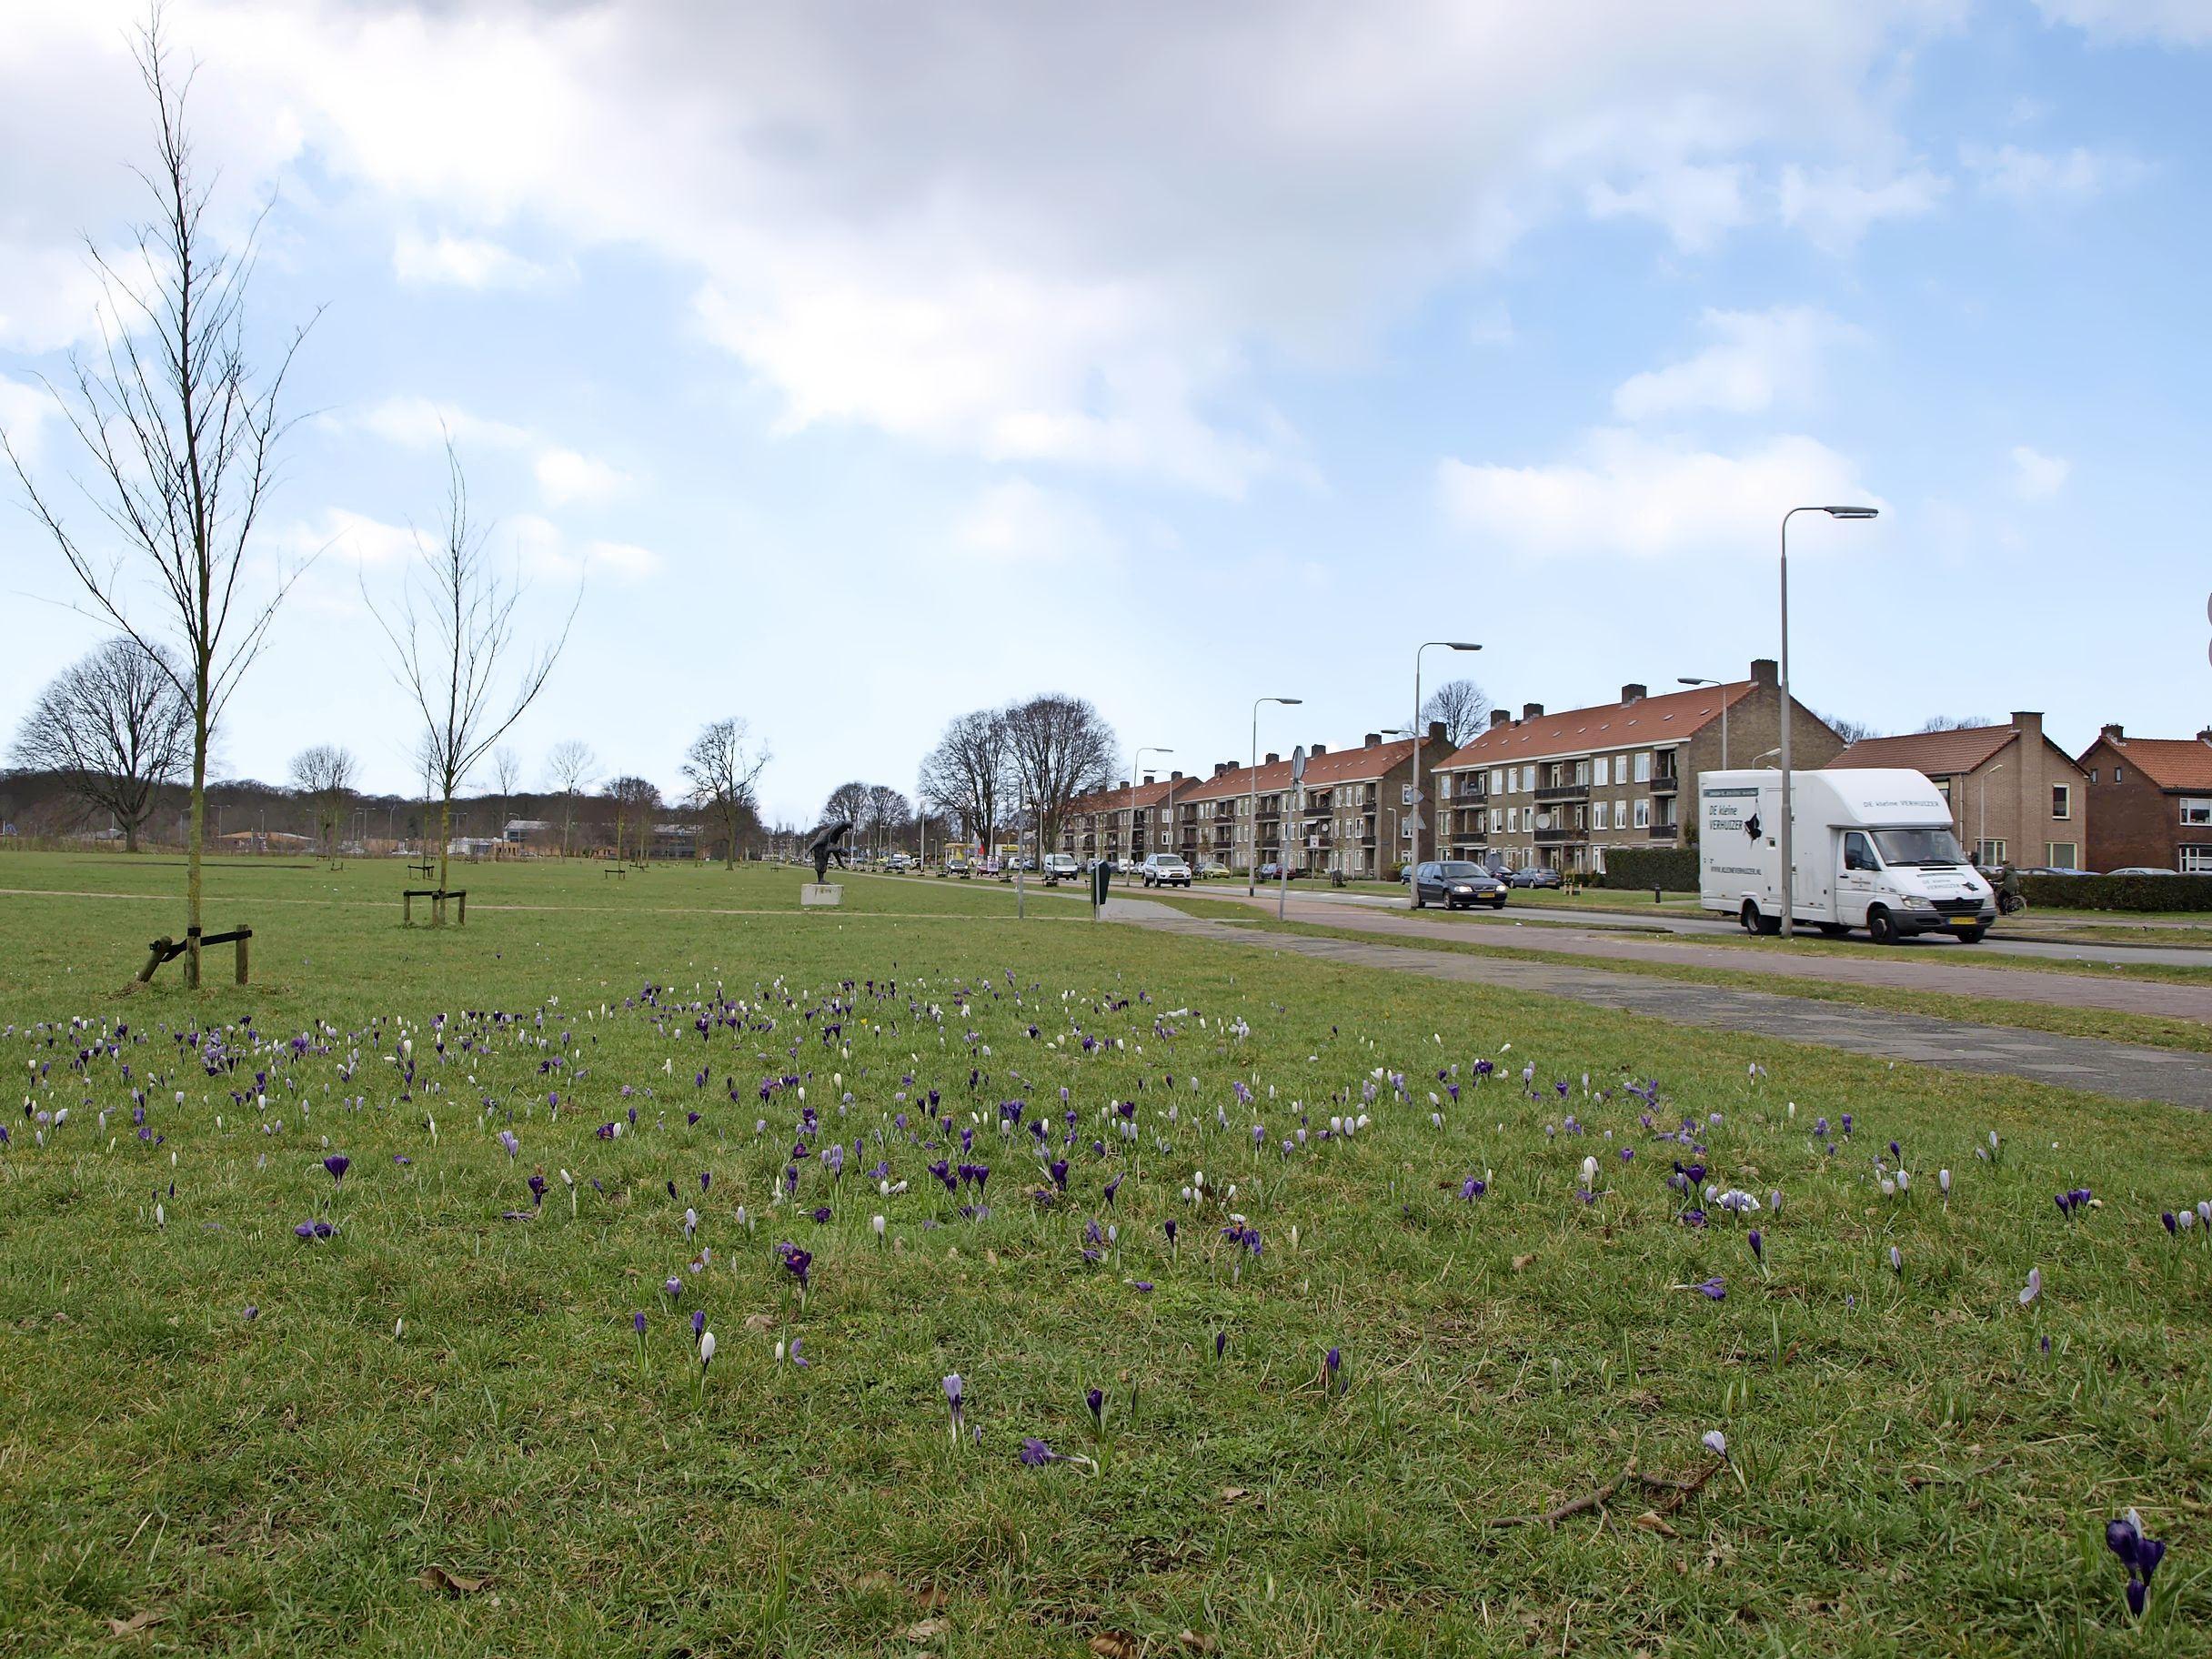 D66: GroenLinks verloochent zichzelf met optie op woningbouw langs Heerenduinweg in IJmuiden